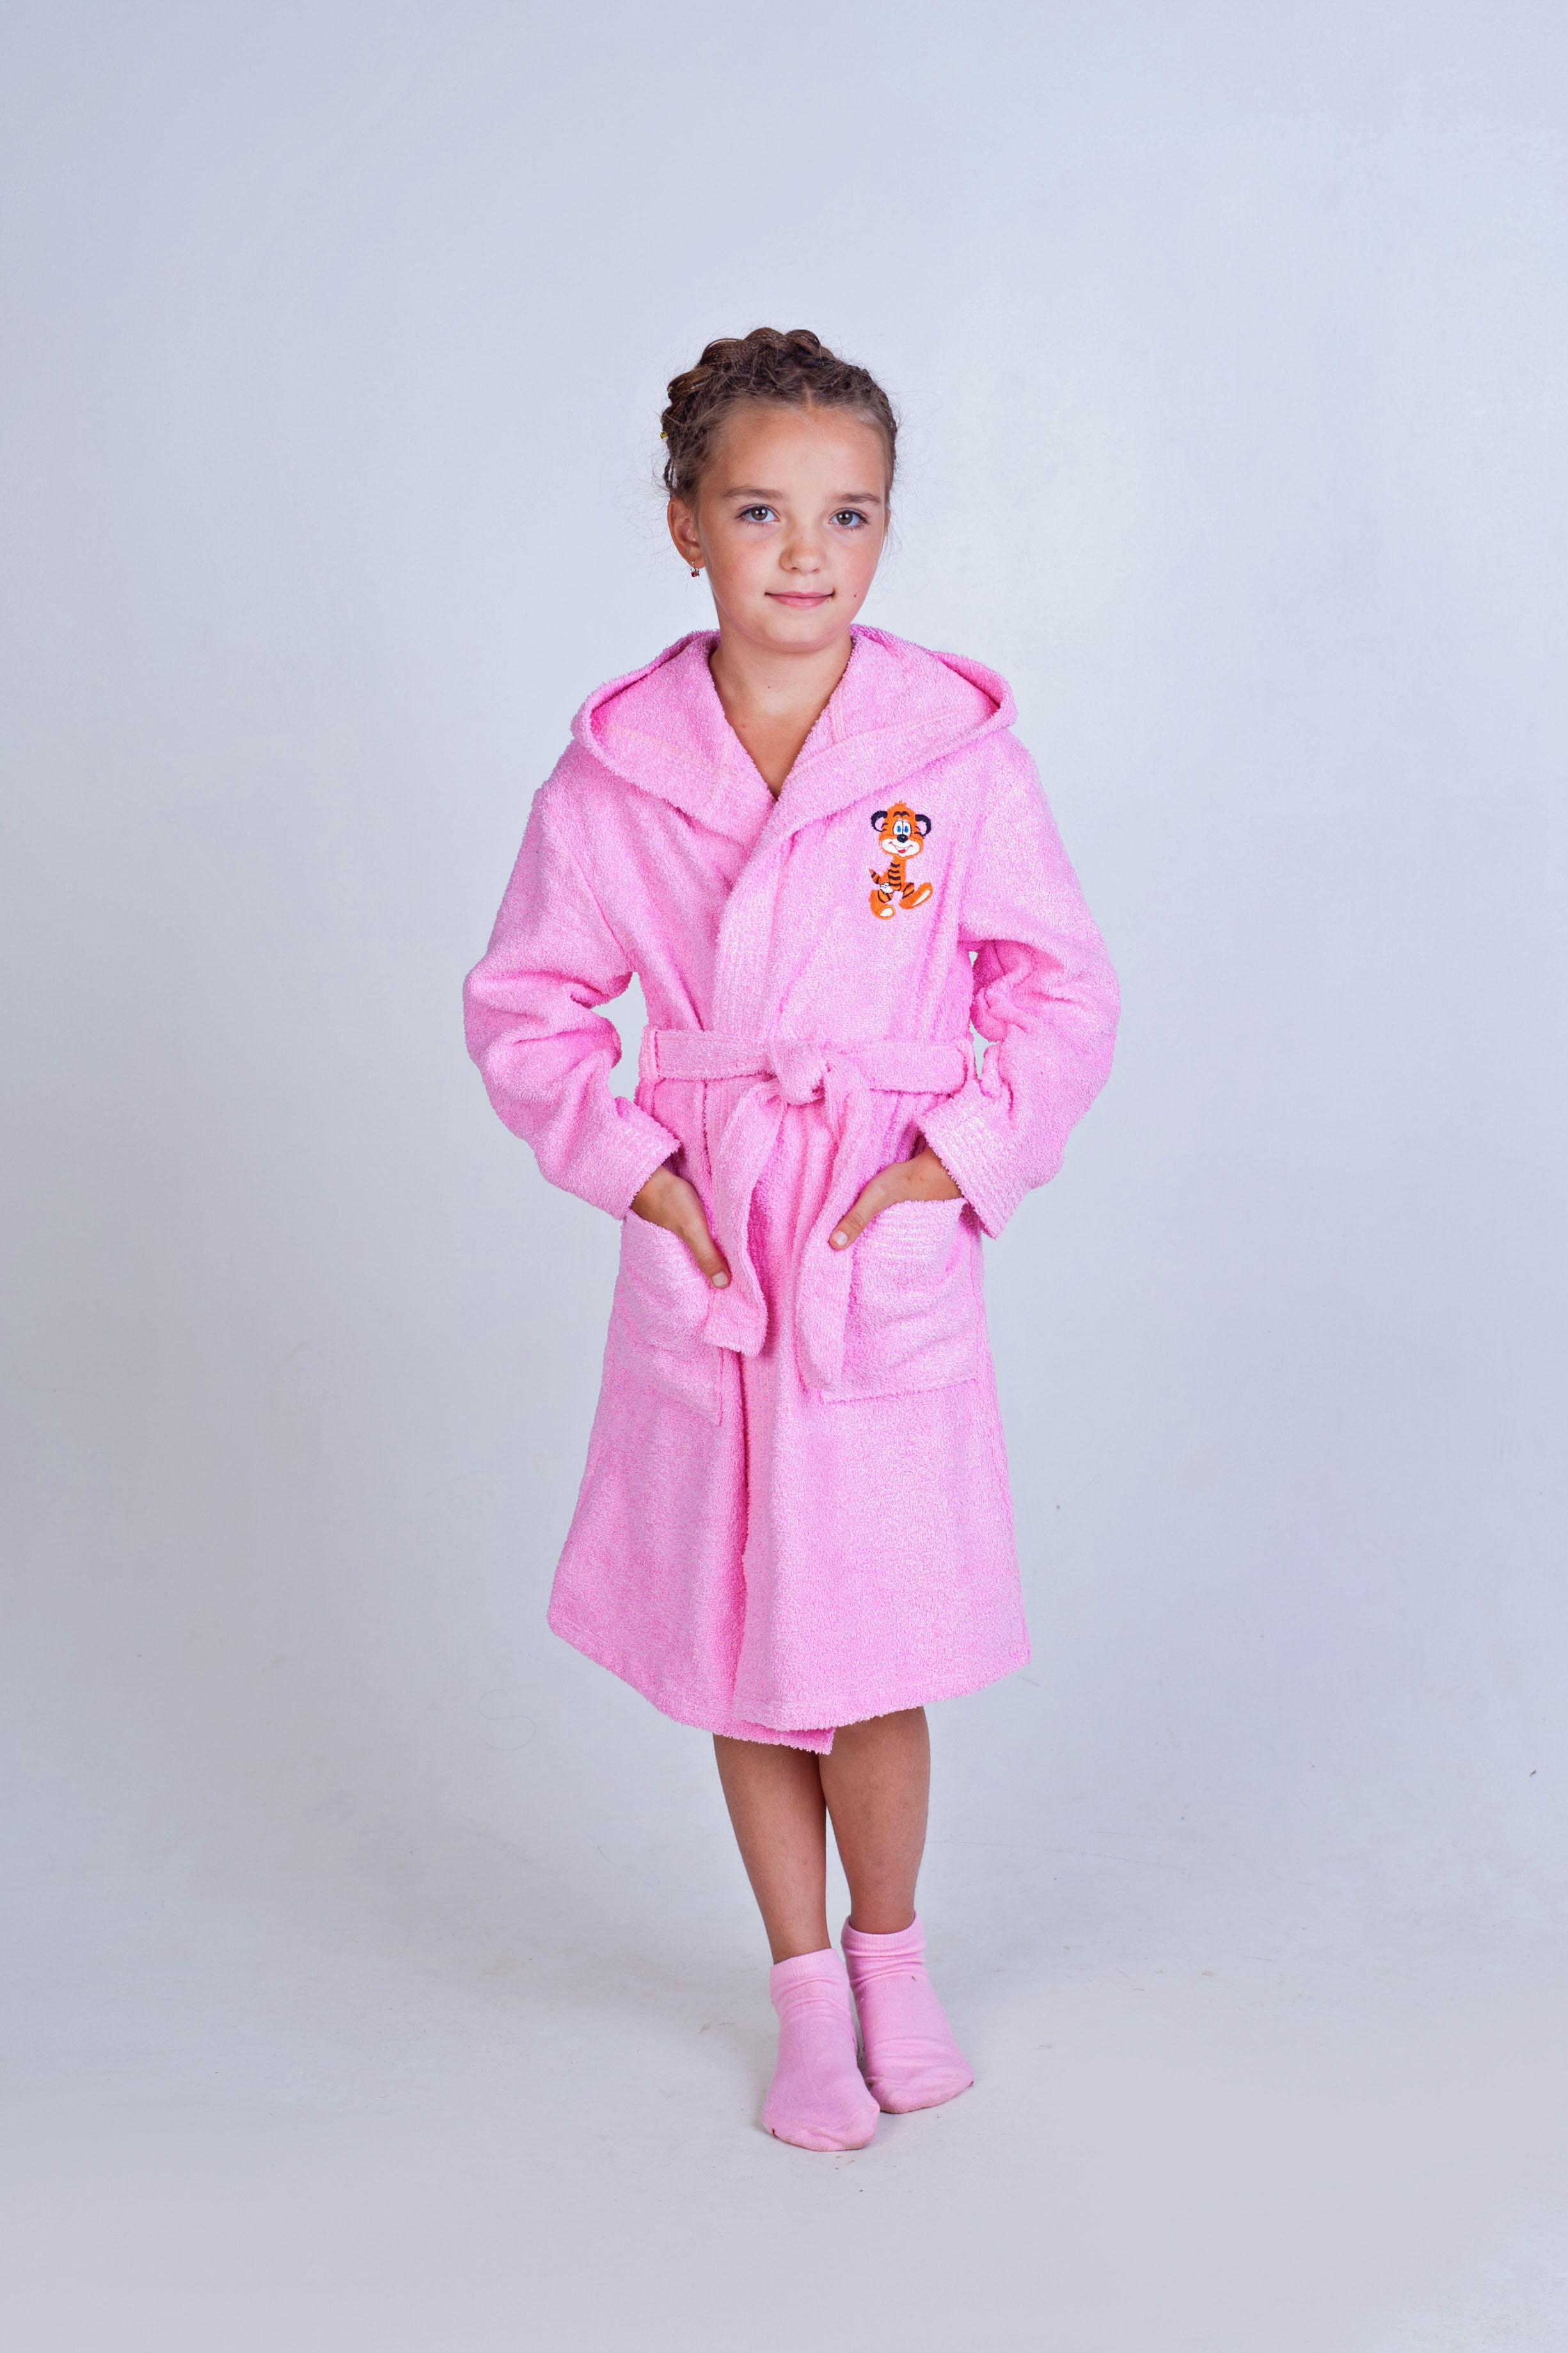 Халат детский Махровый с вышивкой и с капюшономХалаты детские для ванной<br><br><br>Размер: 34